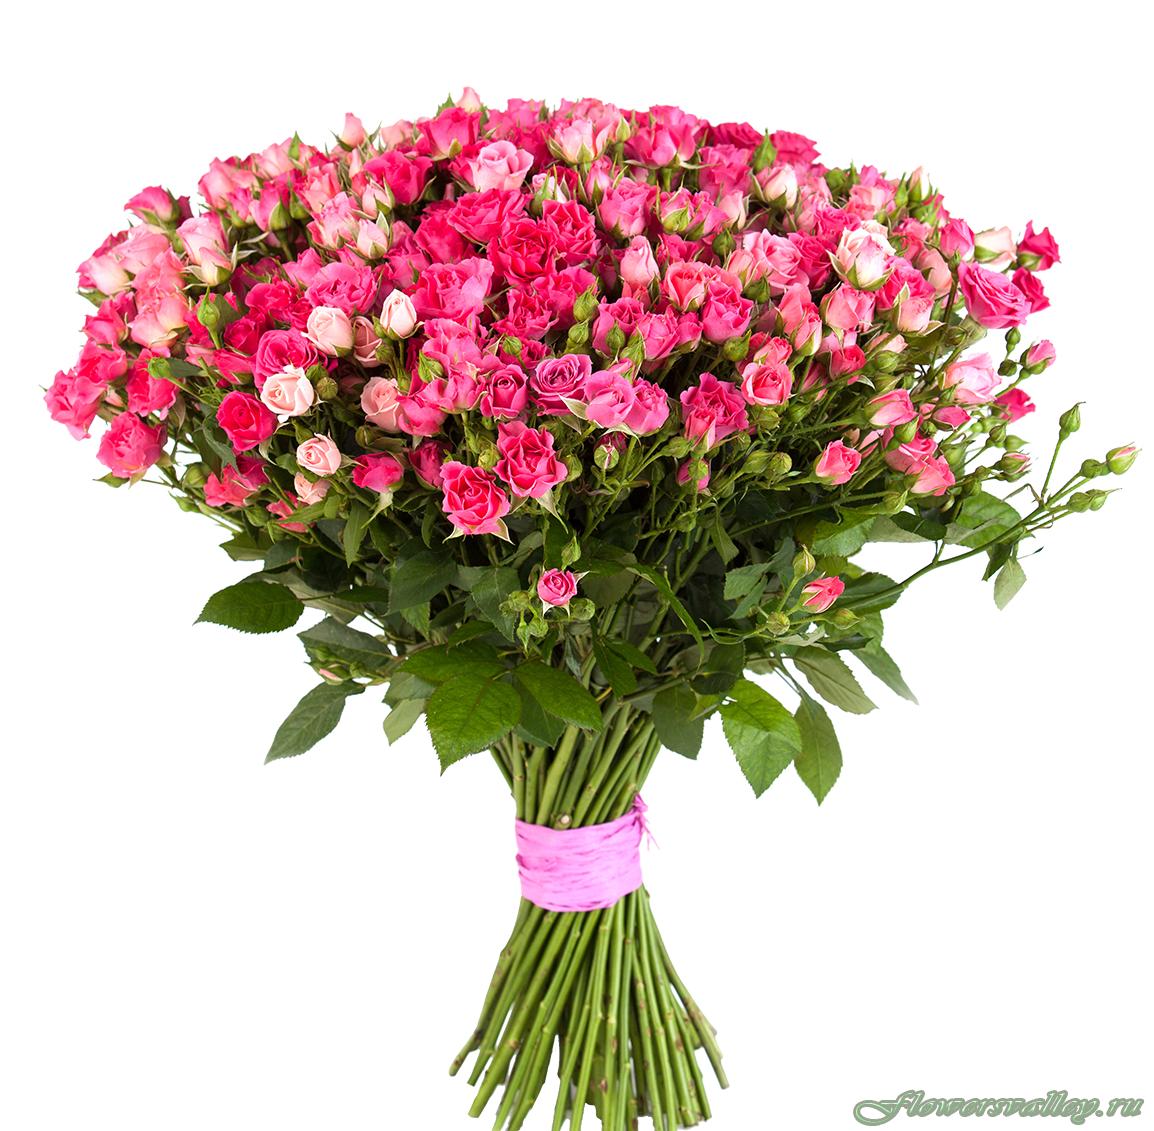 Орхидея, букет 51 кустовая роза